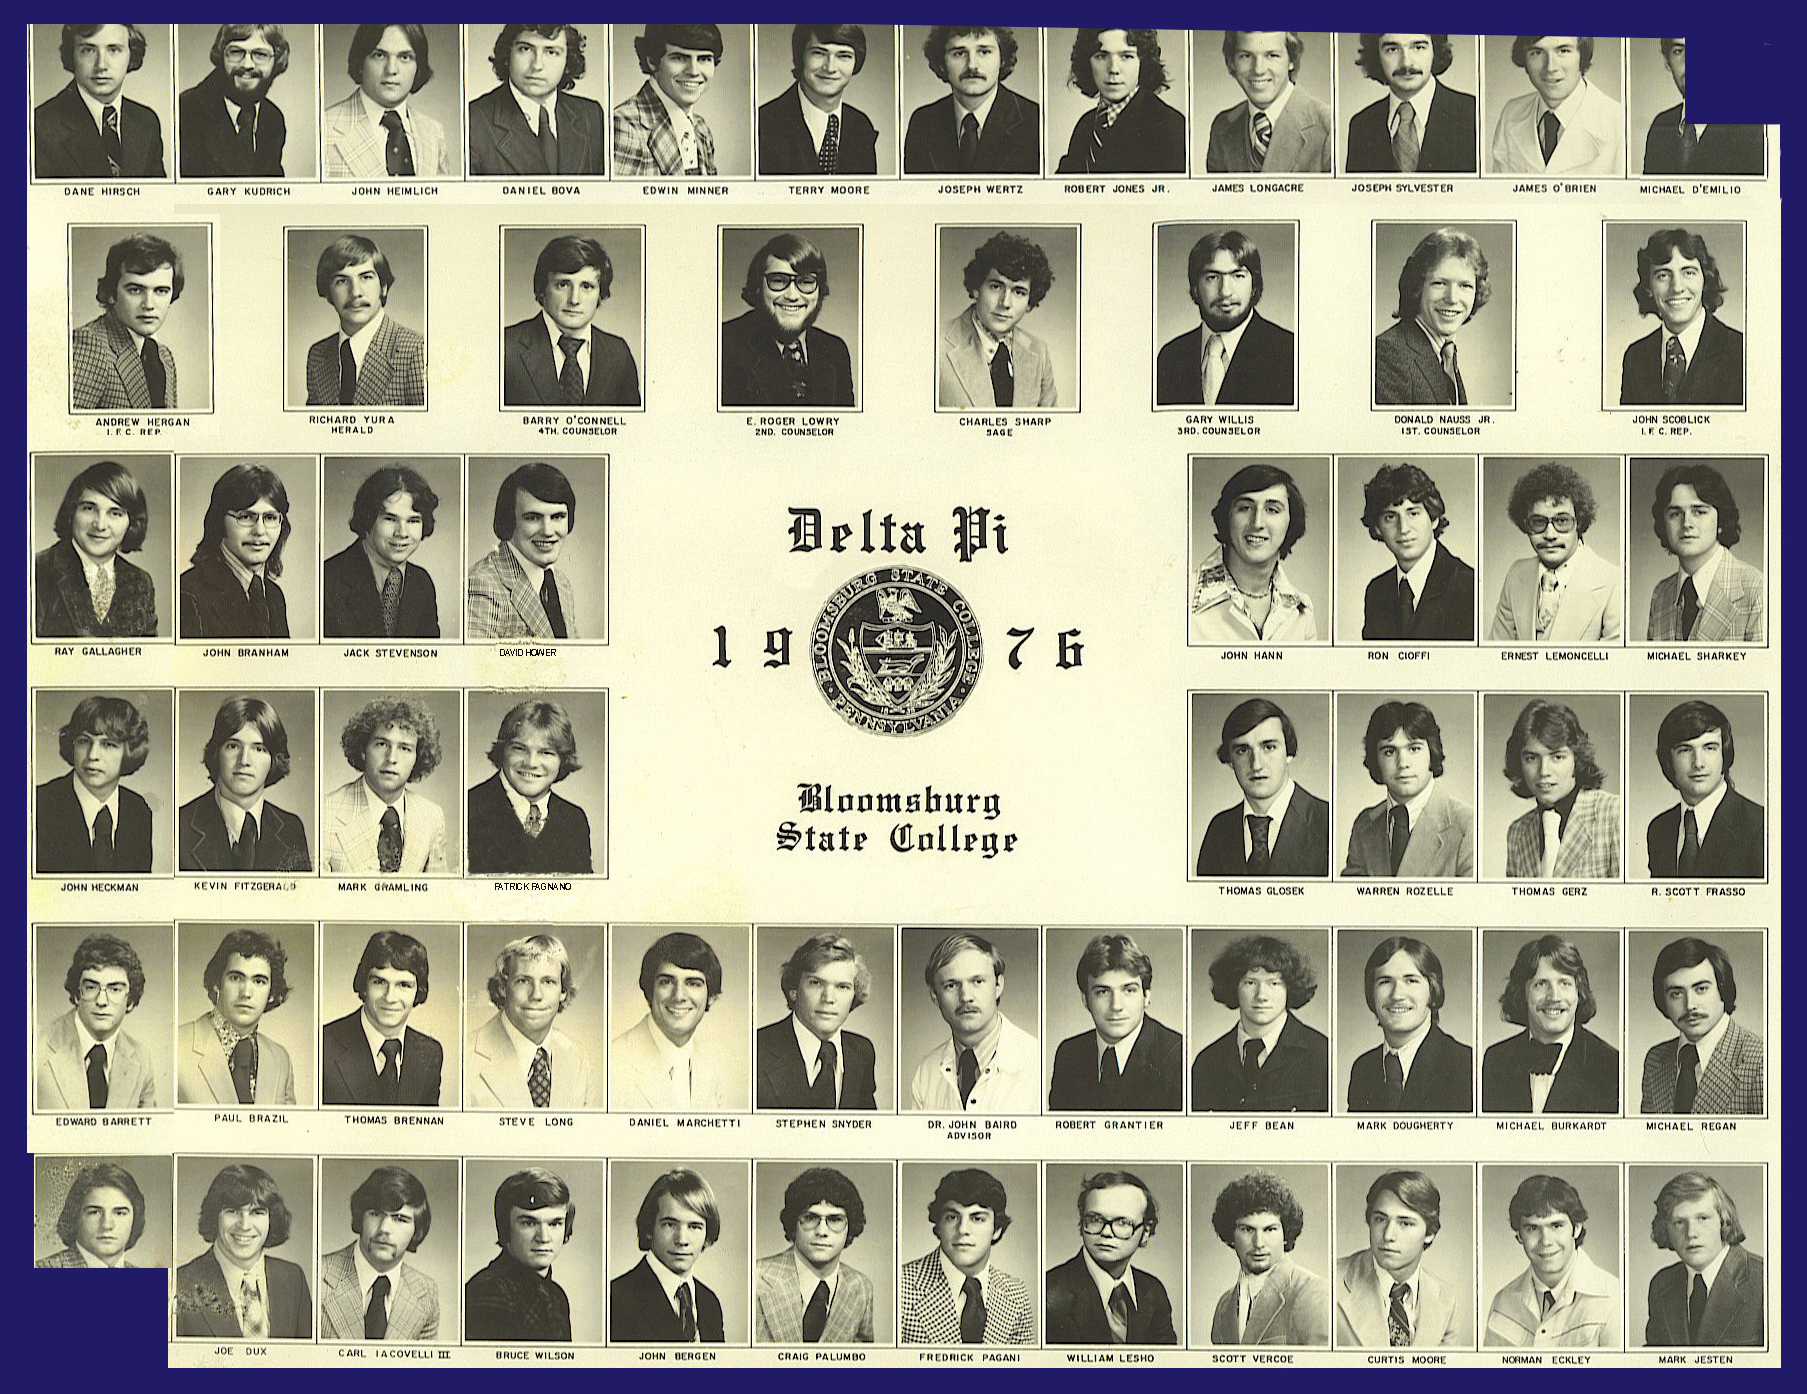 delta-pi-1976edit1.jpg